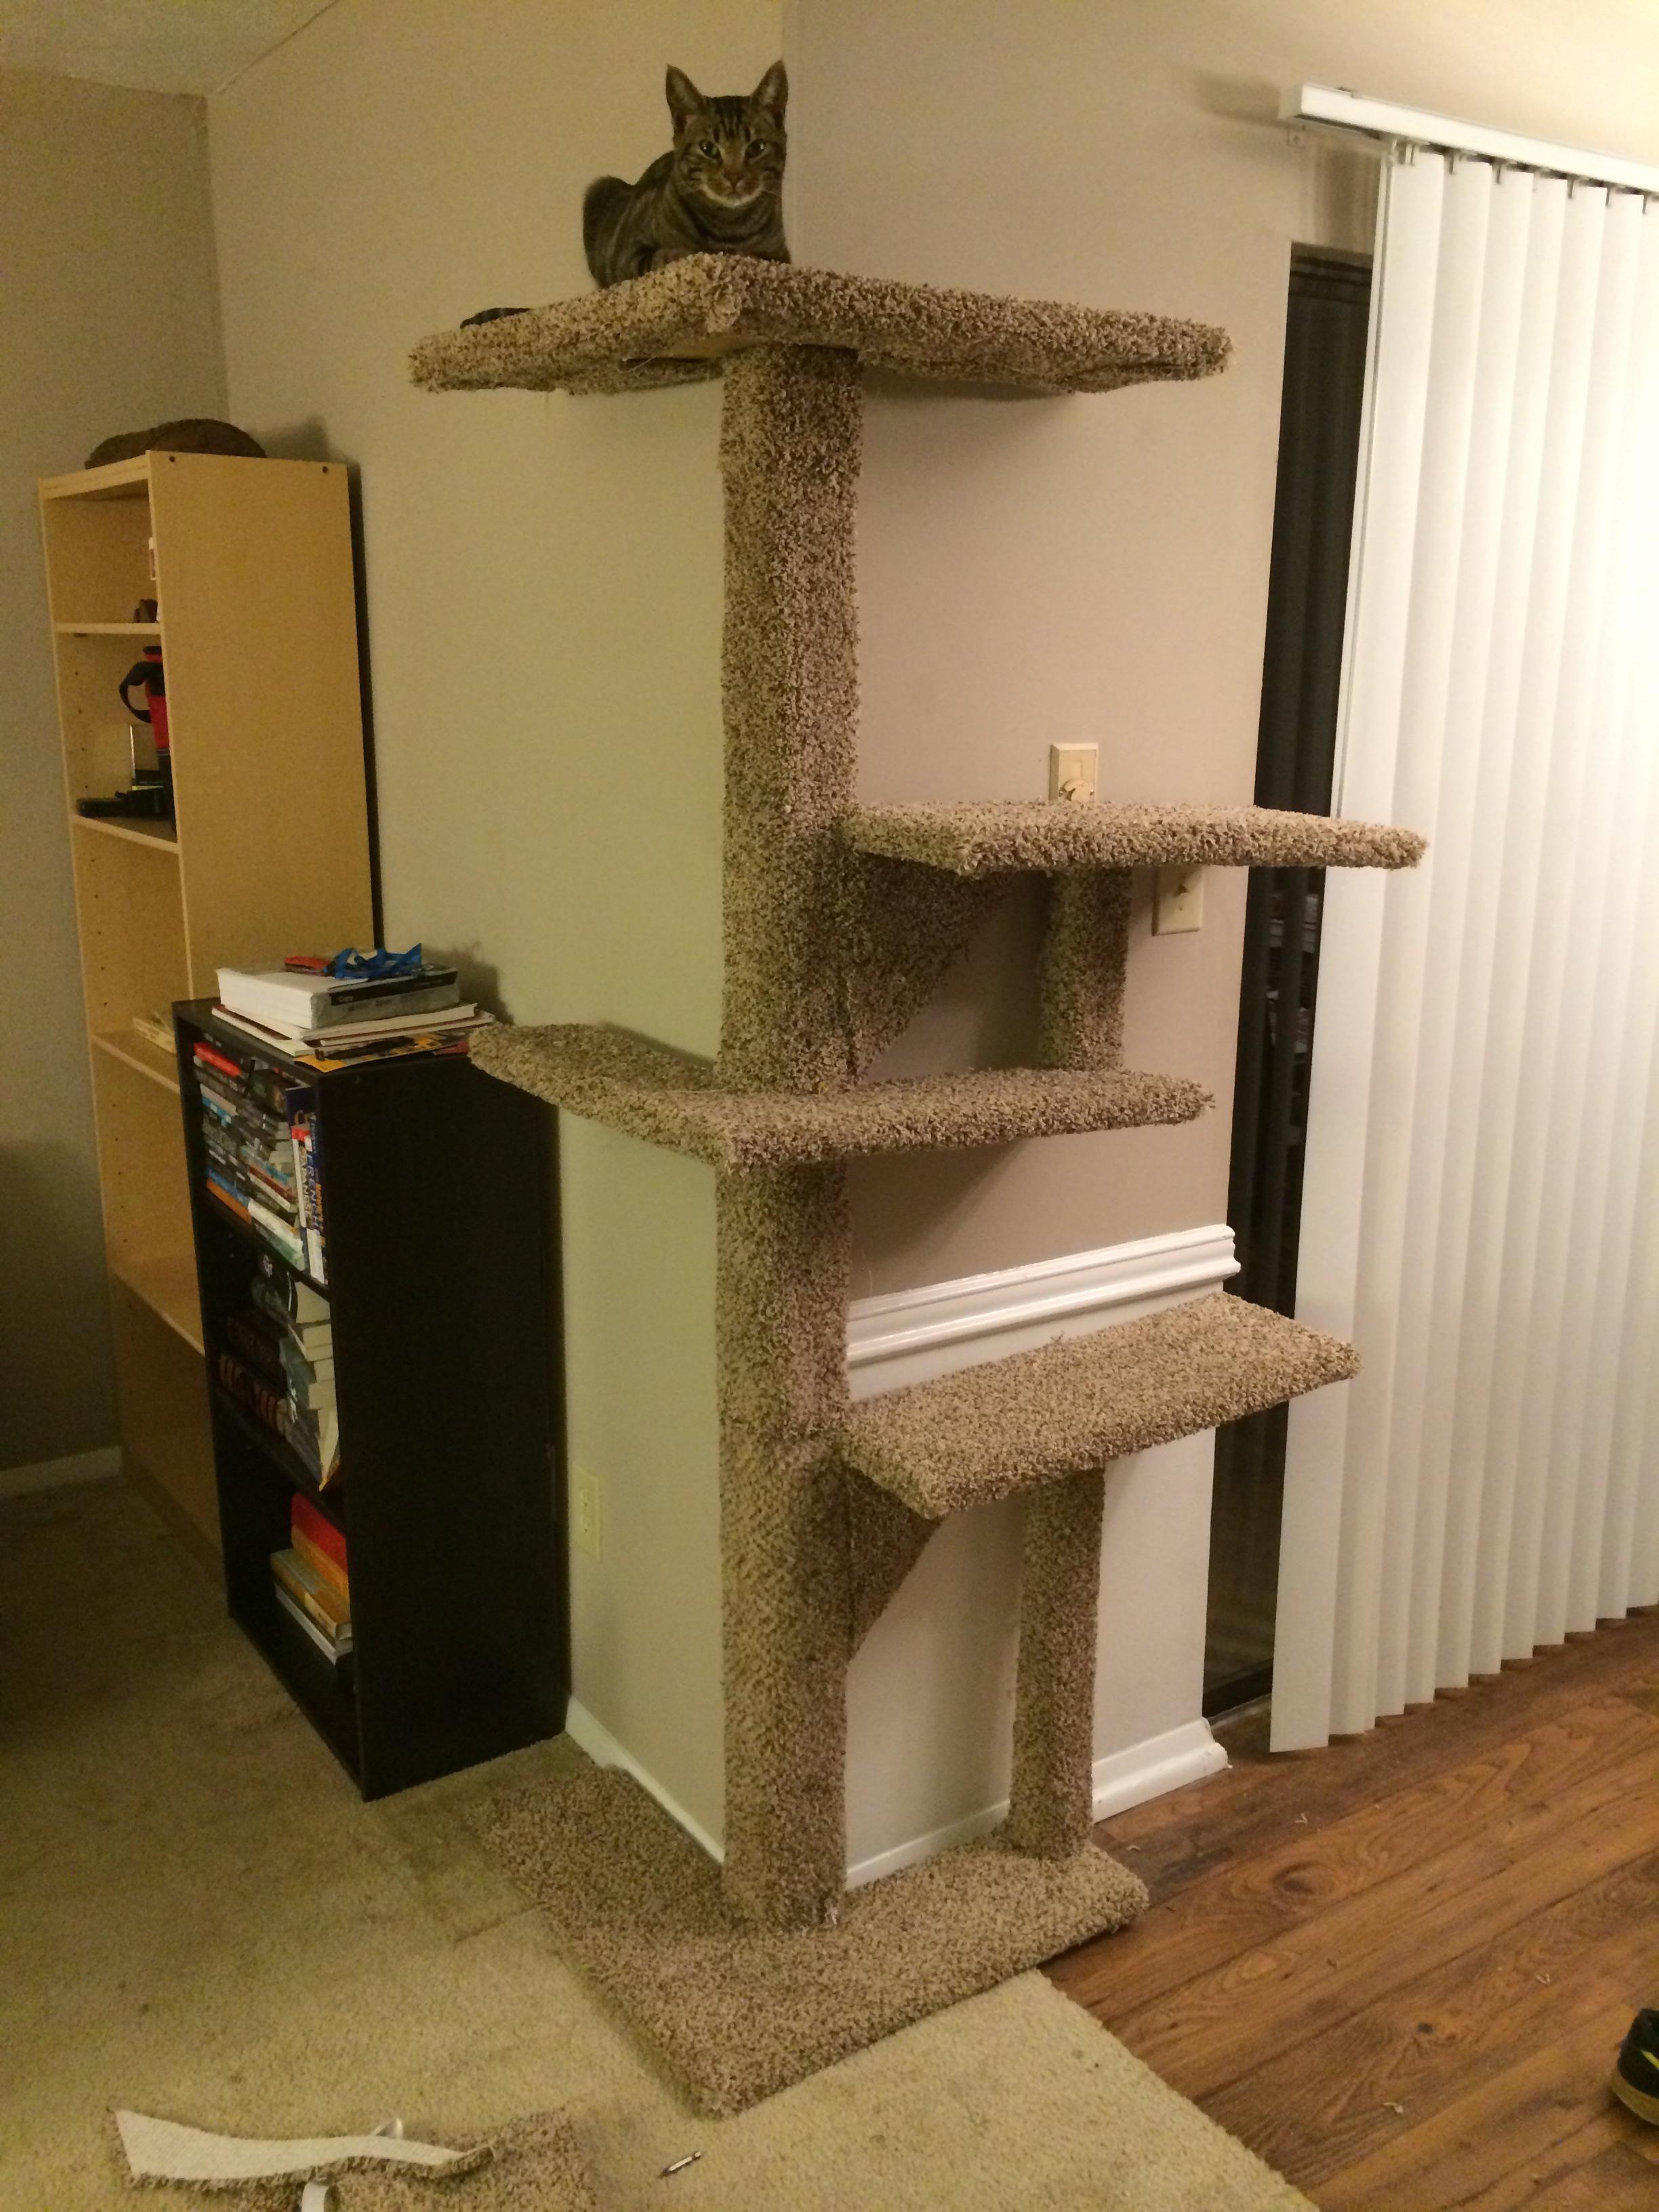 kratzbaum um die ecke m bel f r vierbeiner pinterest katzen haustiere und kratzbaum. Black Bedroom Furniture Sets. Home Design Ideas